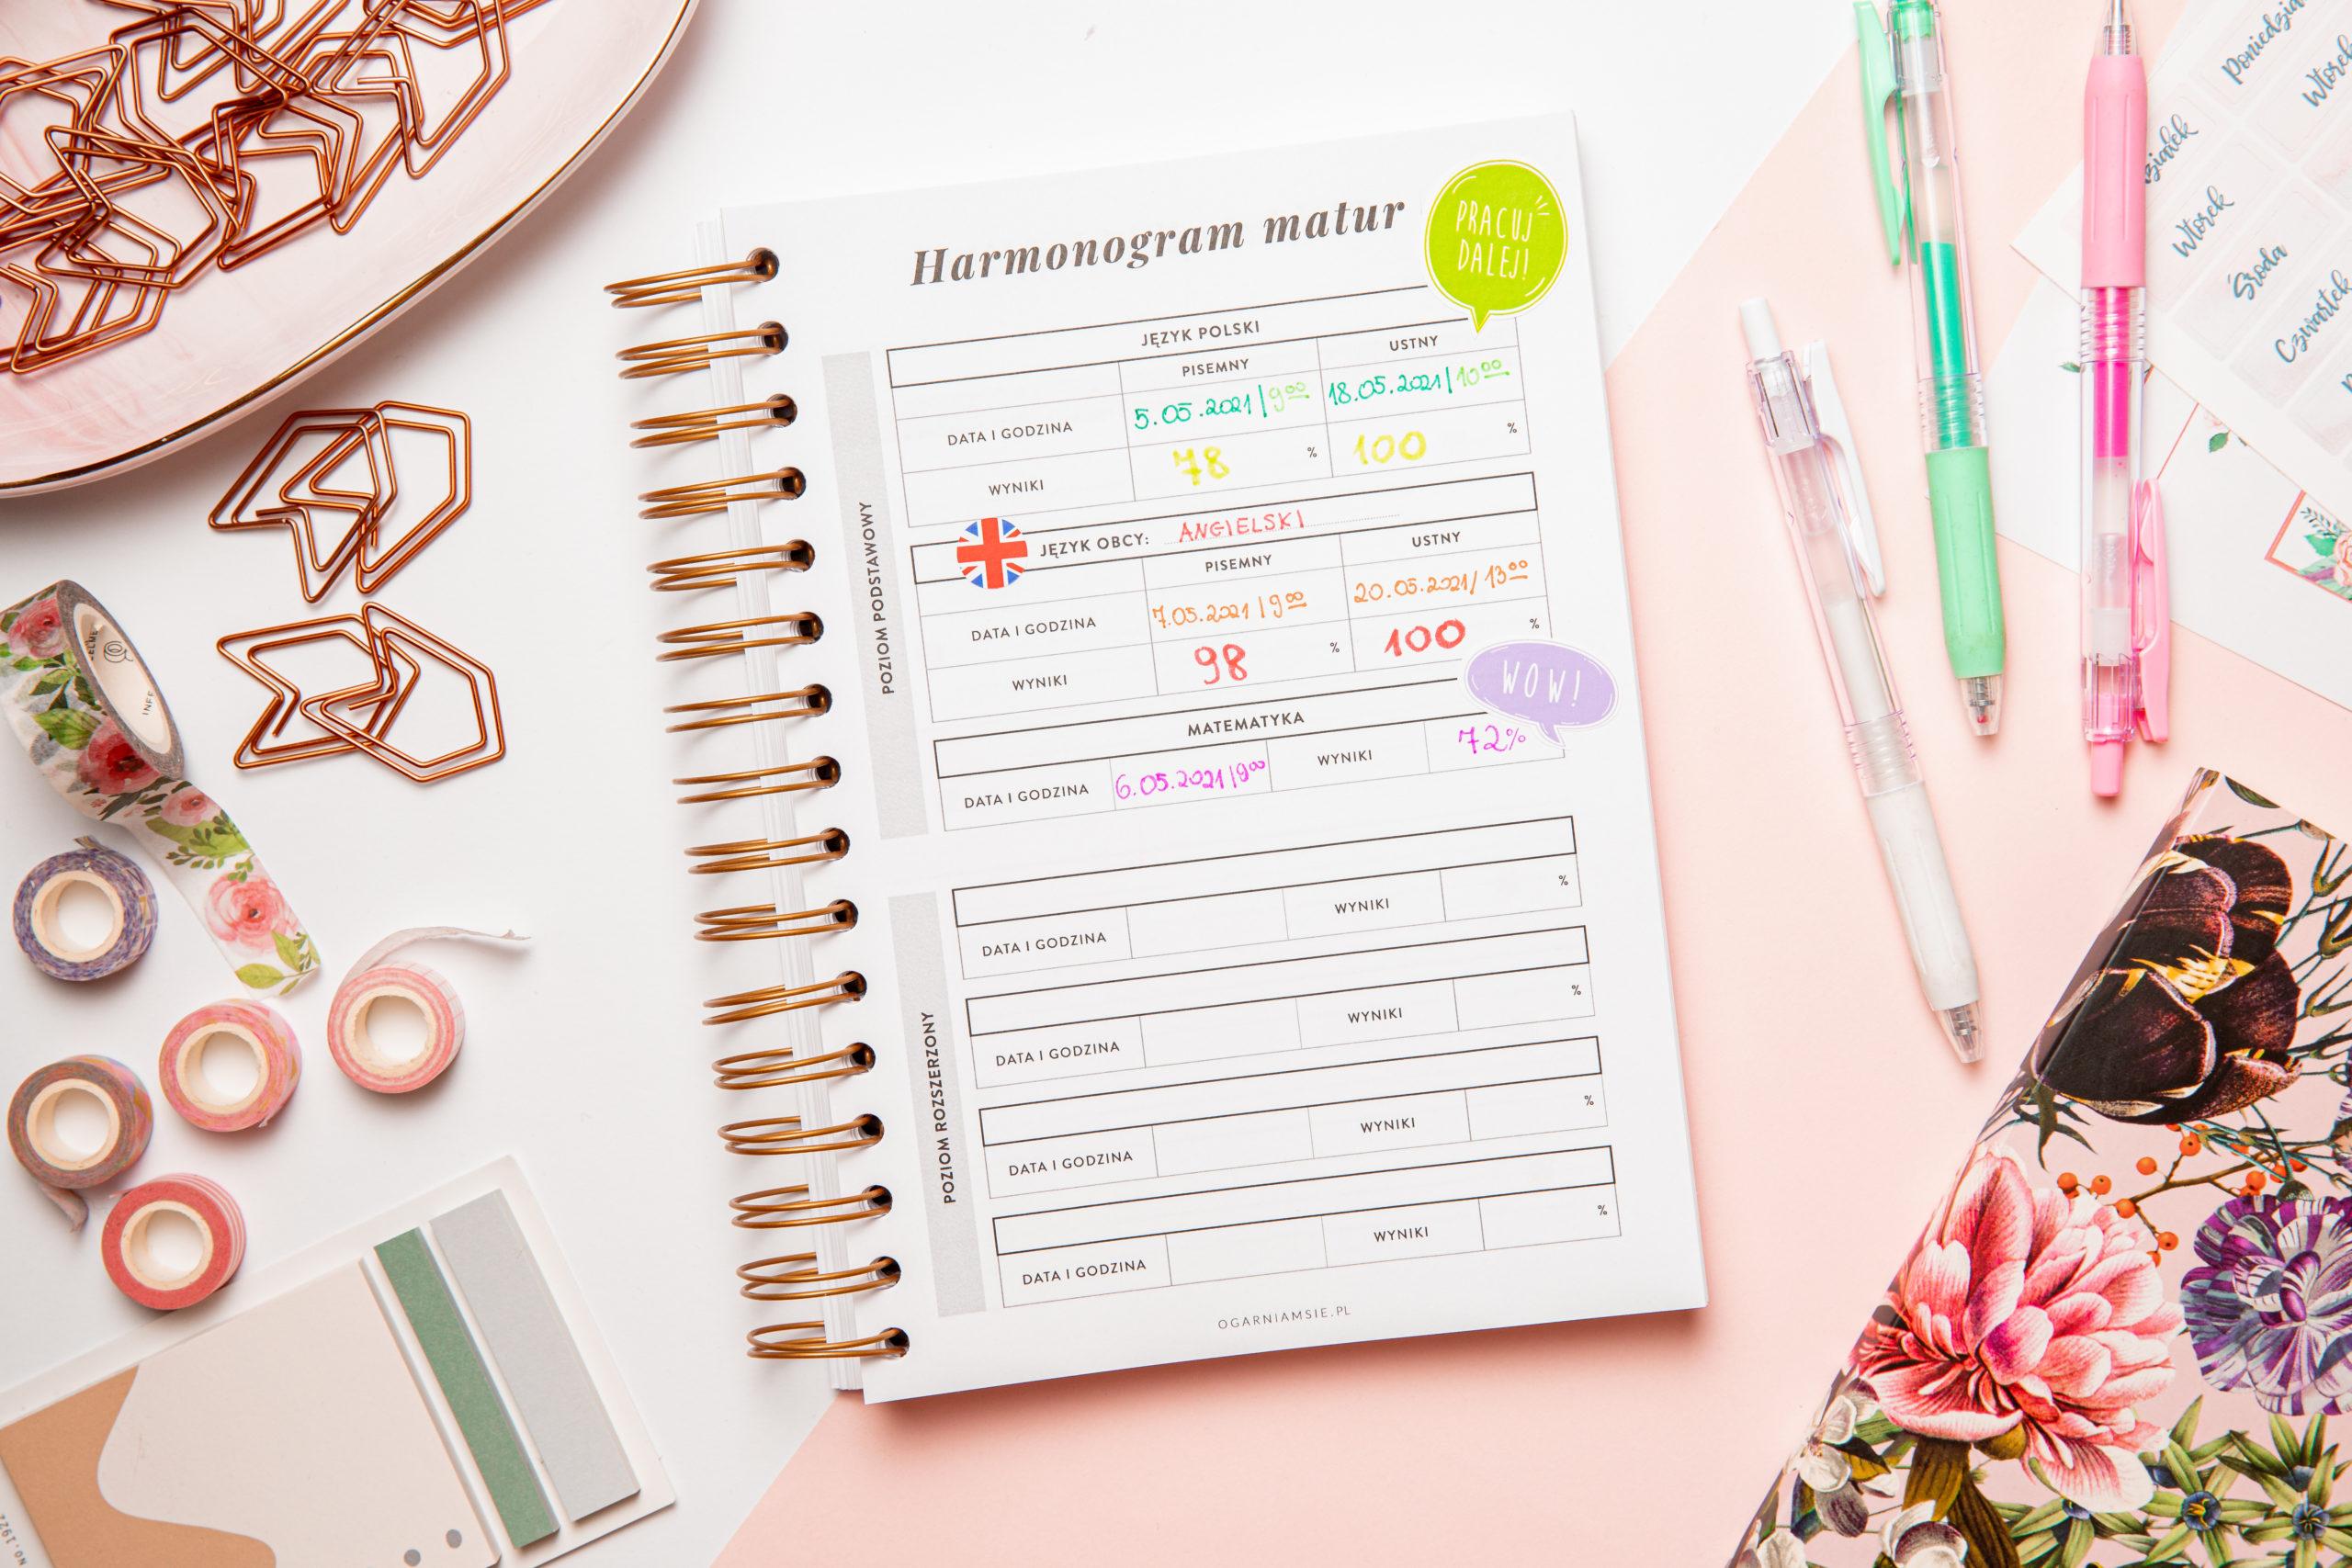 planer-szkolny-harmonogram-matur